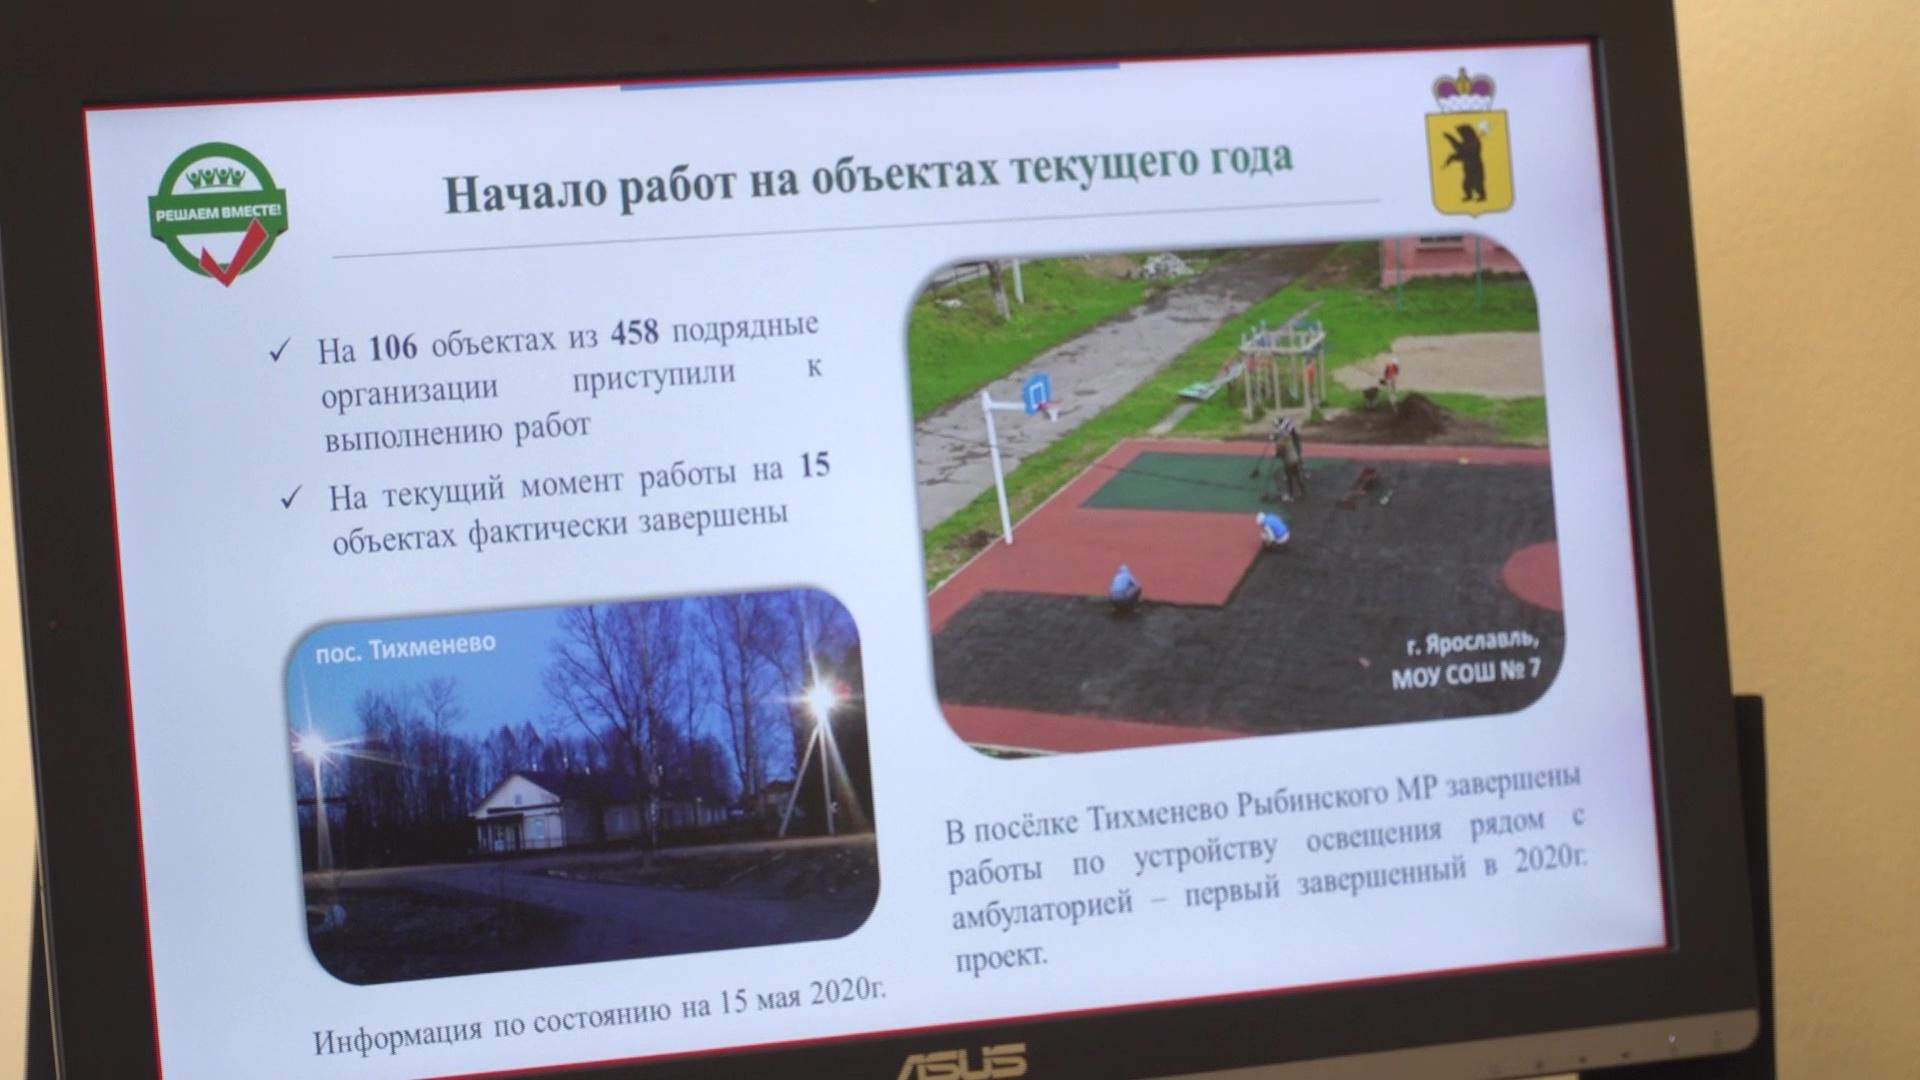 Дмитрий Миронов: «Мы должны использовать возможности Всероссийского конкурса для создания комфортной городской среды»